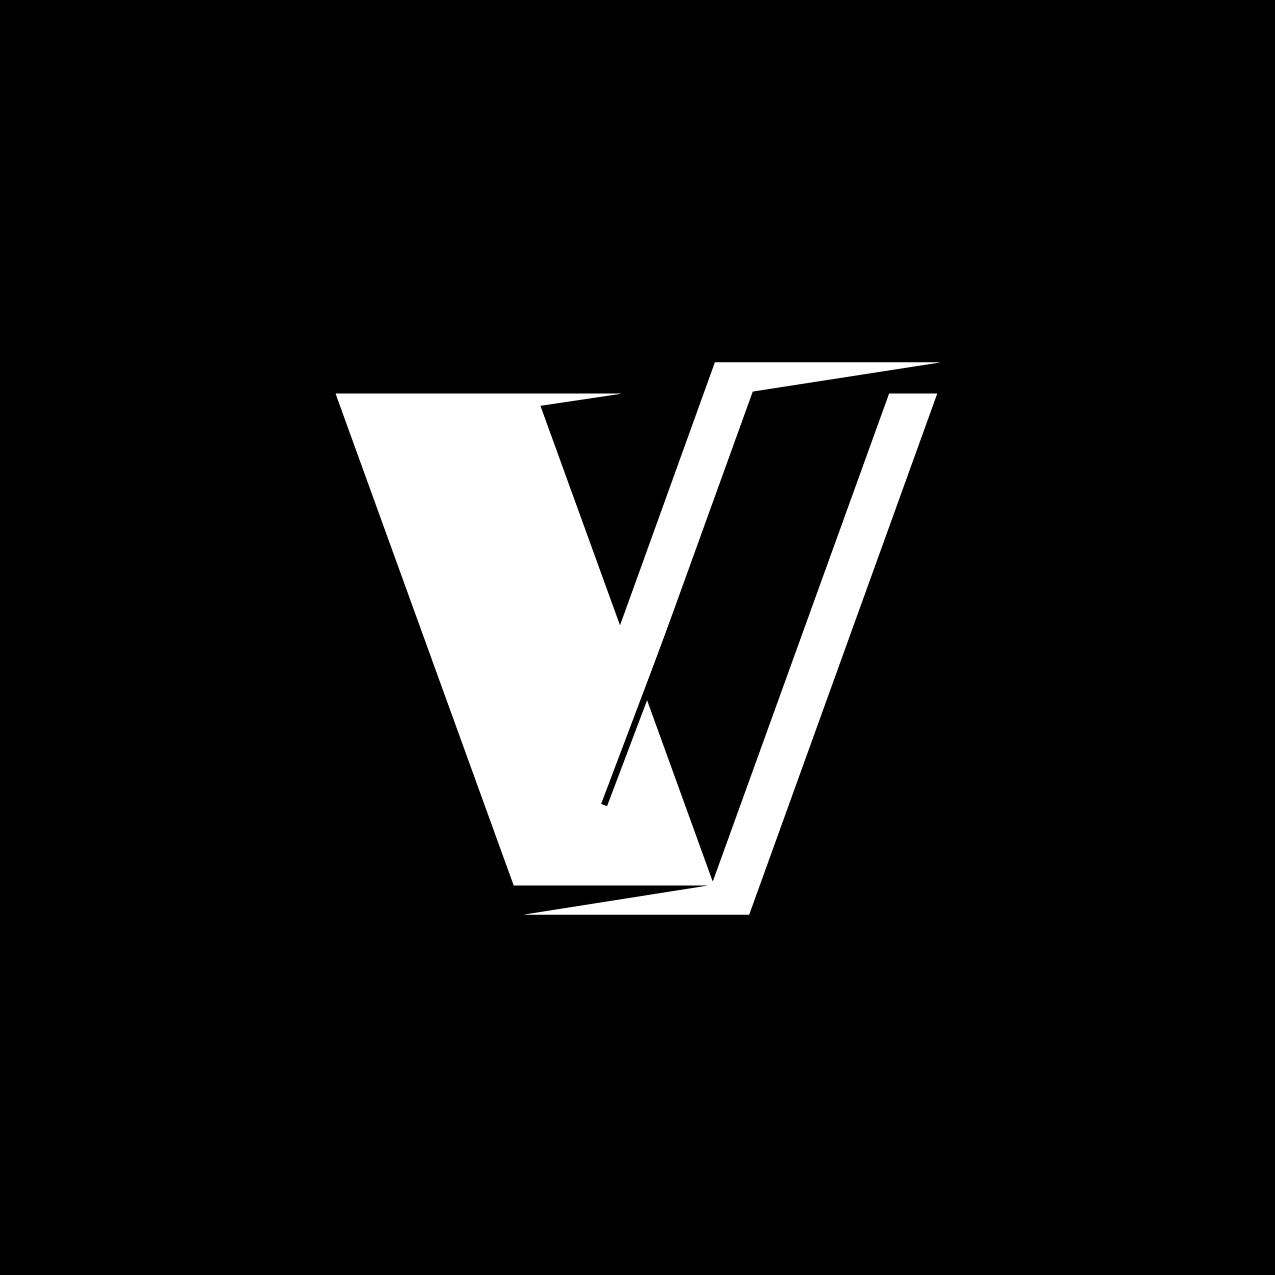 Letter V14 Design by Furia